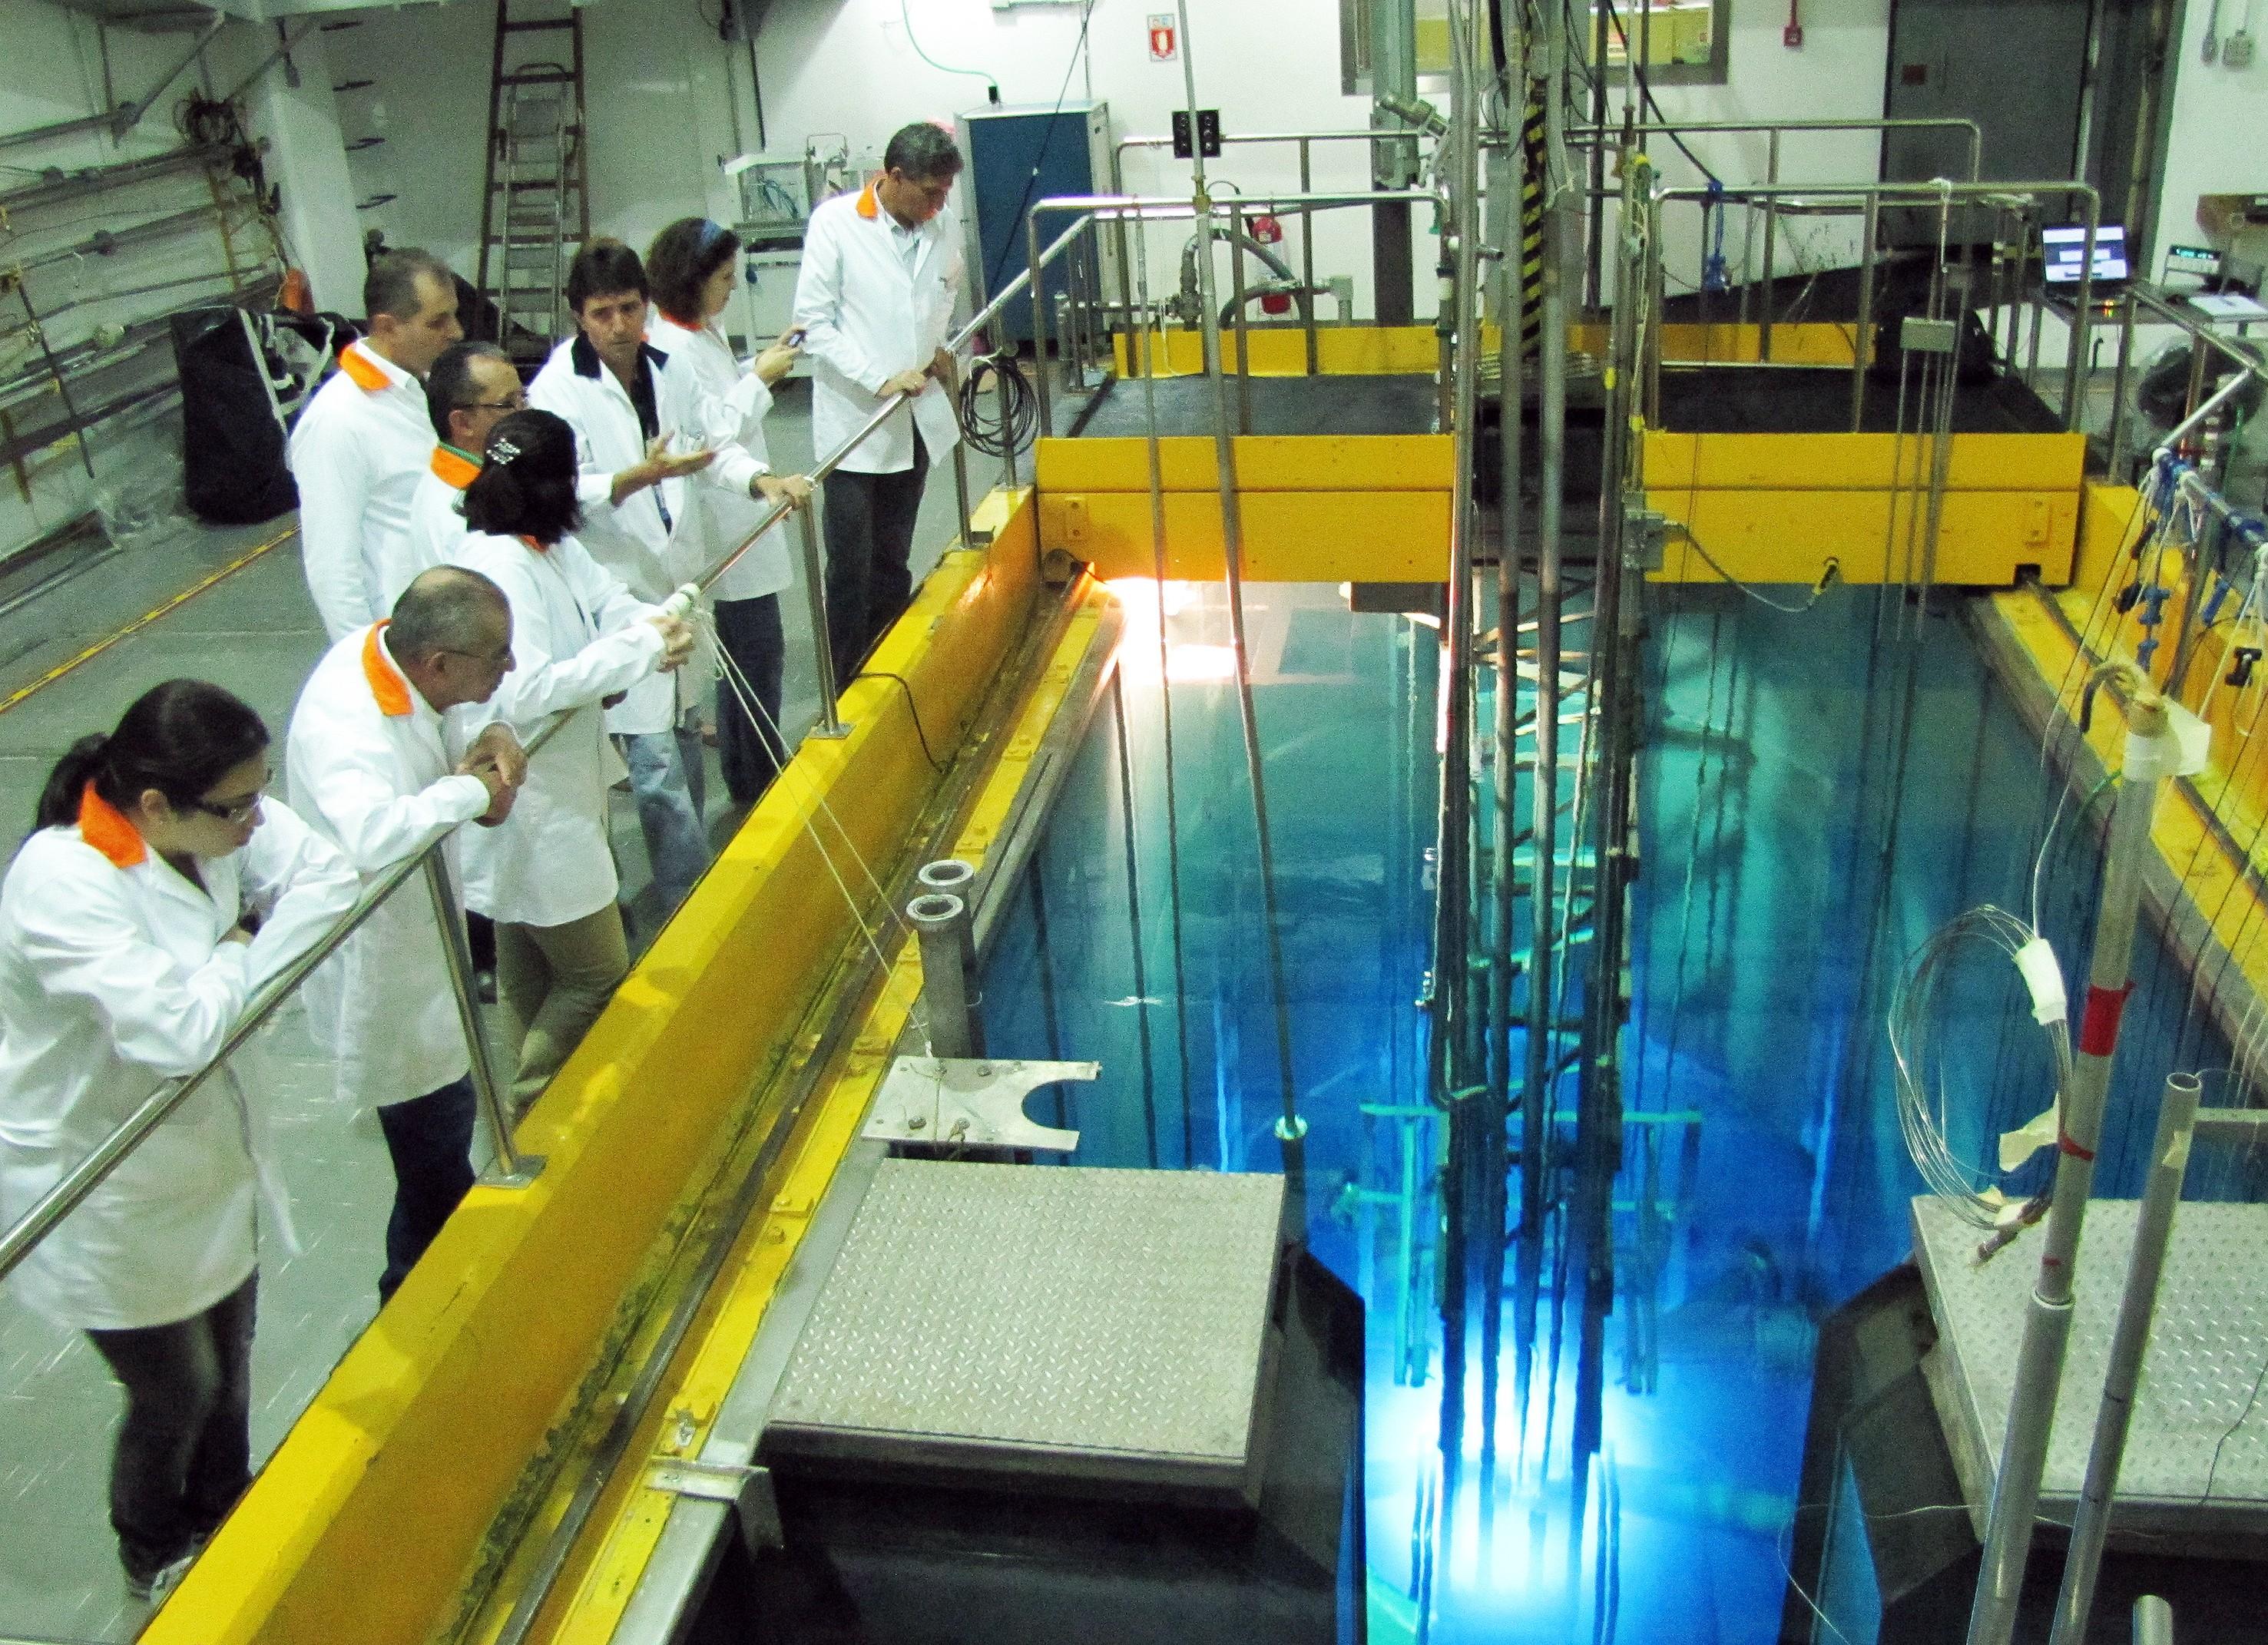 Uma das atividades propostas pela Semana da Ciência Nuclear é um tour pelo reator nuclear da Universidade de São Paulo (Foto: Divulgação)